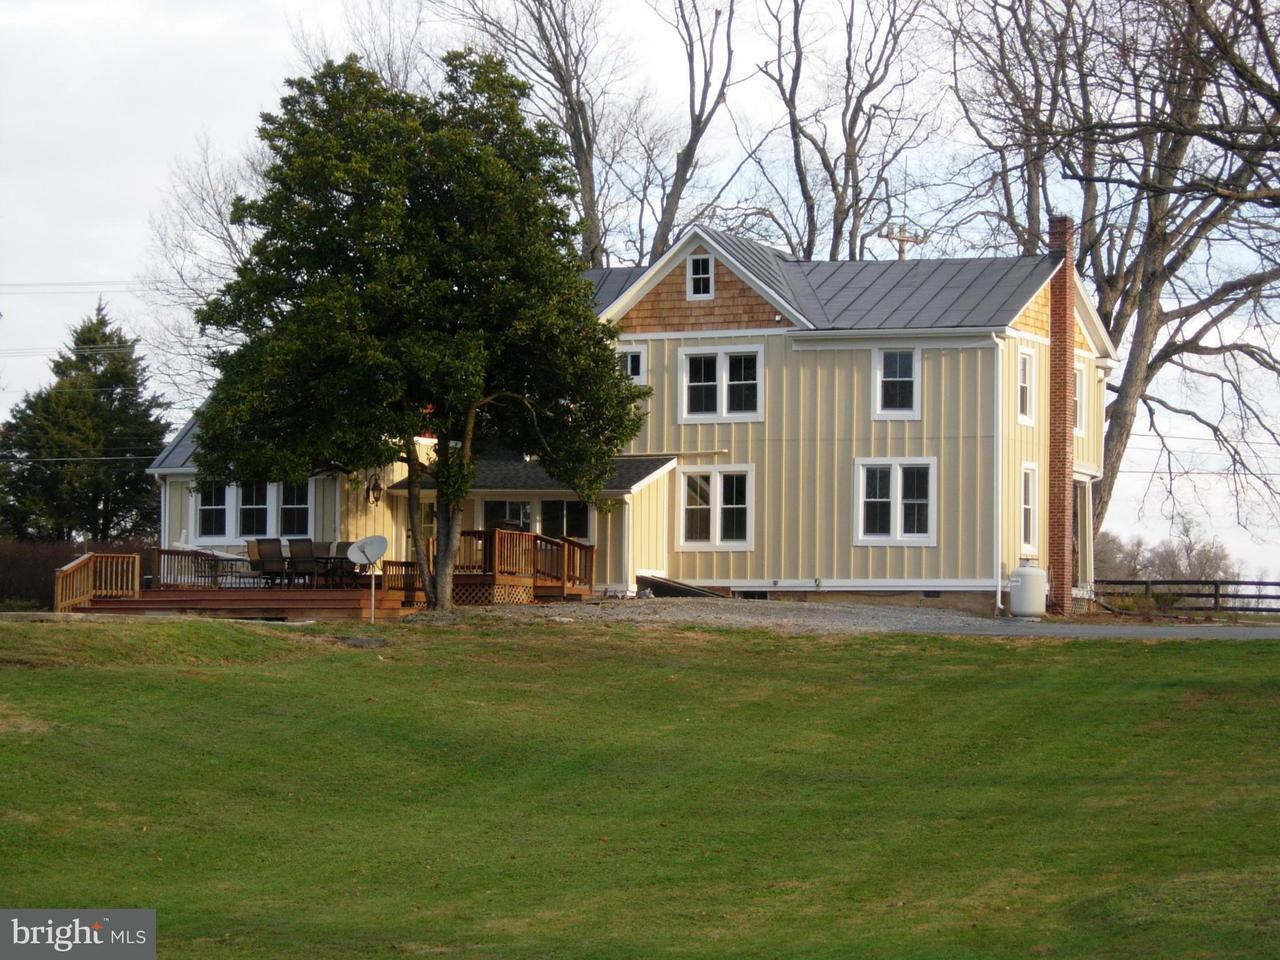 Μονοκατοικία για την Πώληση στο 125 MAIN ST W 125 MAIN ST W Boyce, Βιρτζινια 22620 Ηνωμενεσ Πολιτειεσ